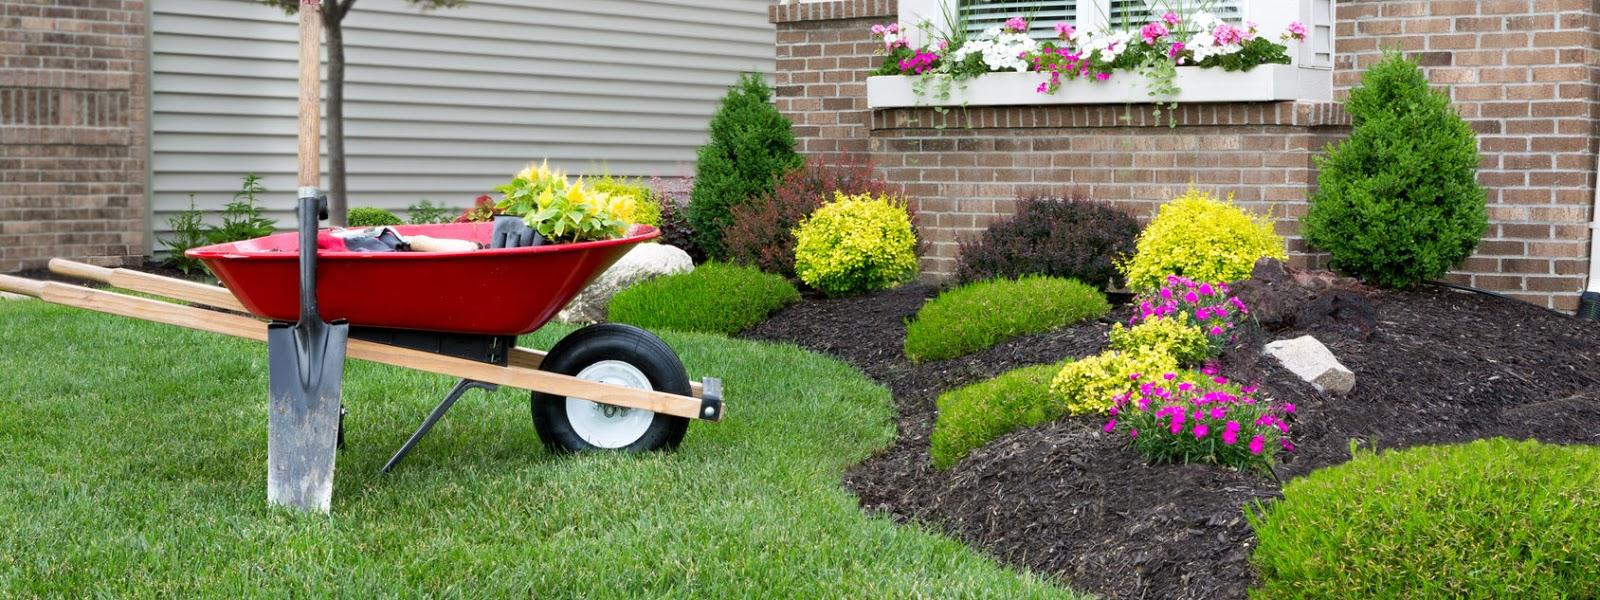 Progettare un giardino 5 errori da evitare for Progettare un giardino